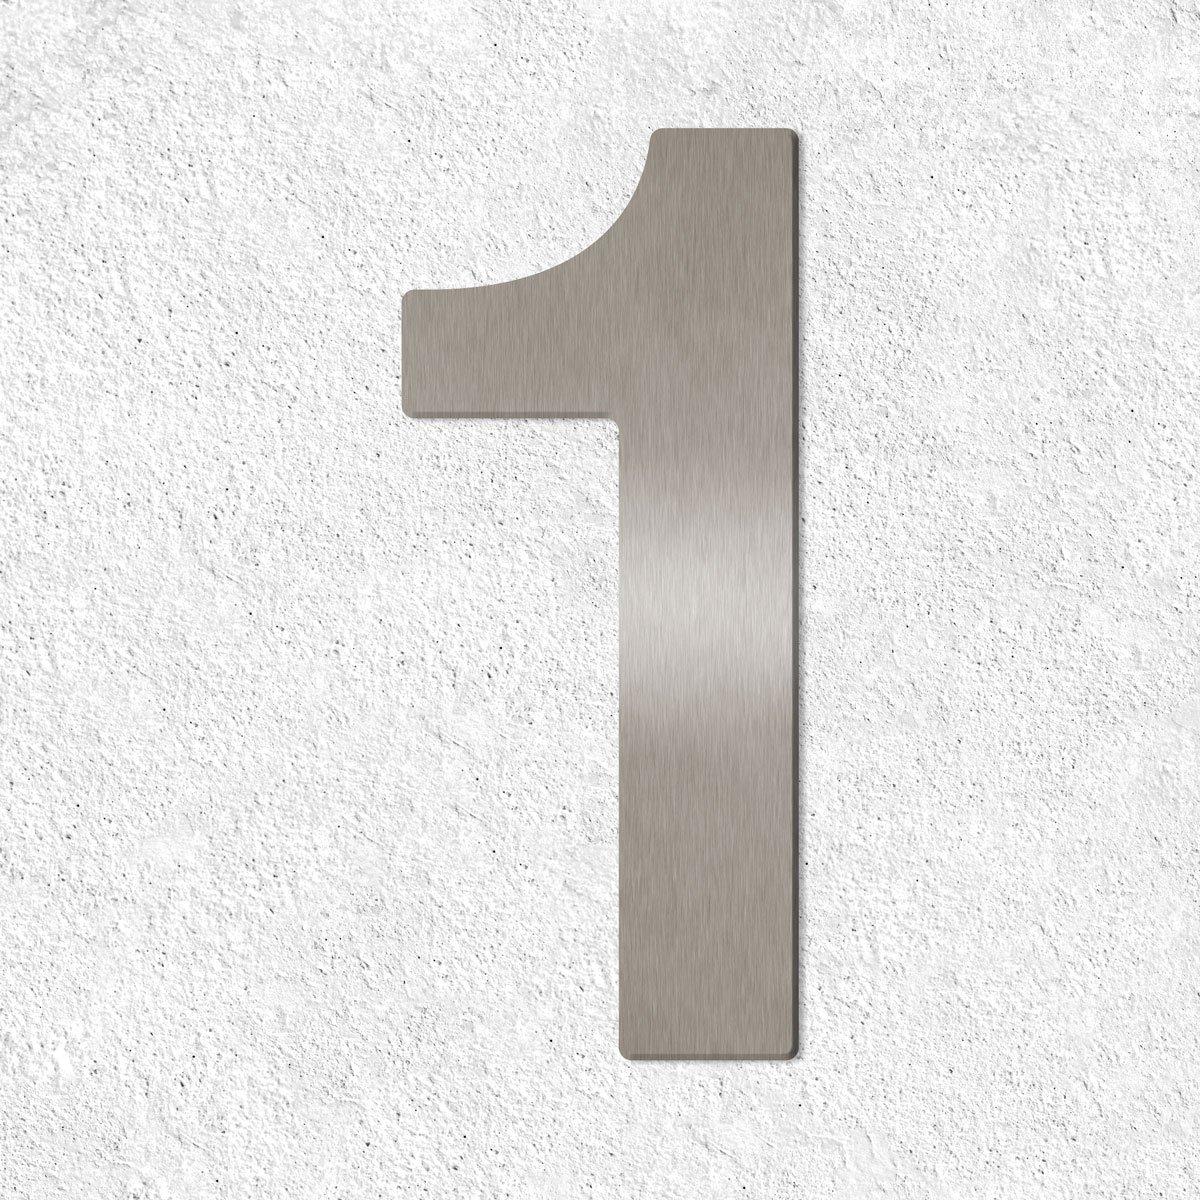 7 inkl 160mm Thorwa/® Design Edelstahl Hausnummer aus V2A Montagematerial//H/öhe: 16cm fein geb/ürstet